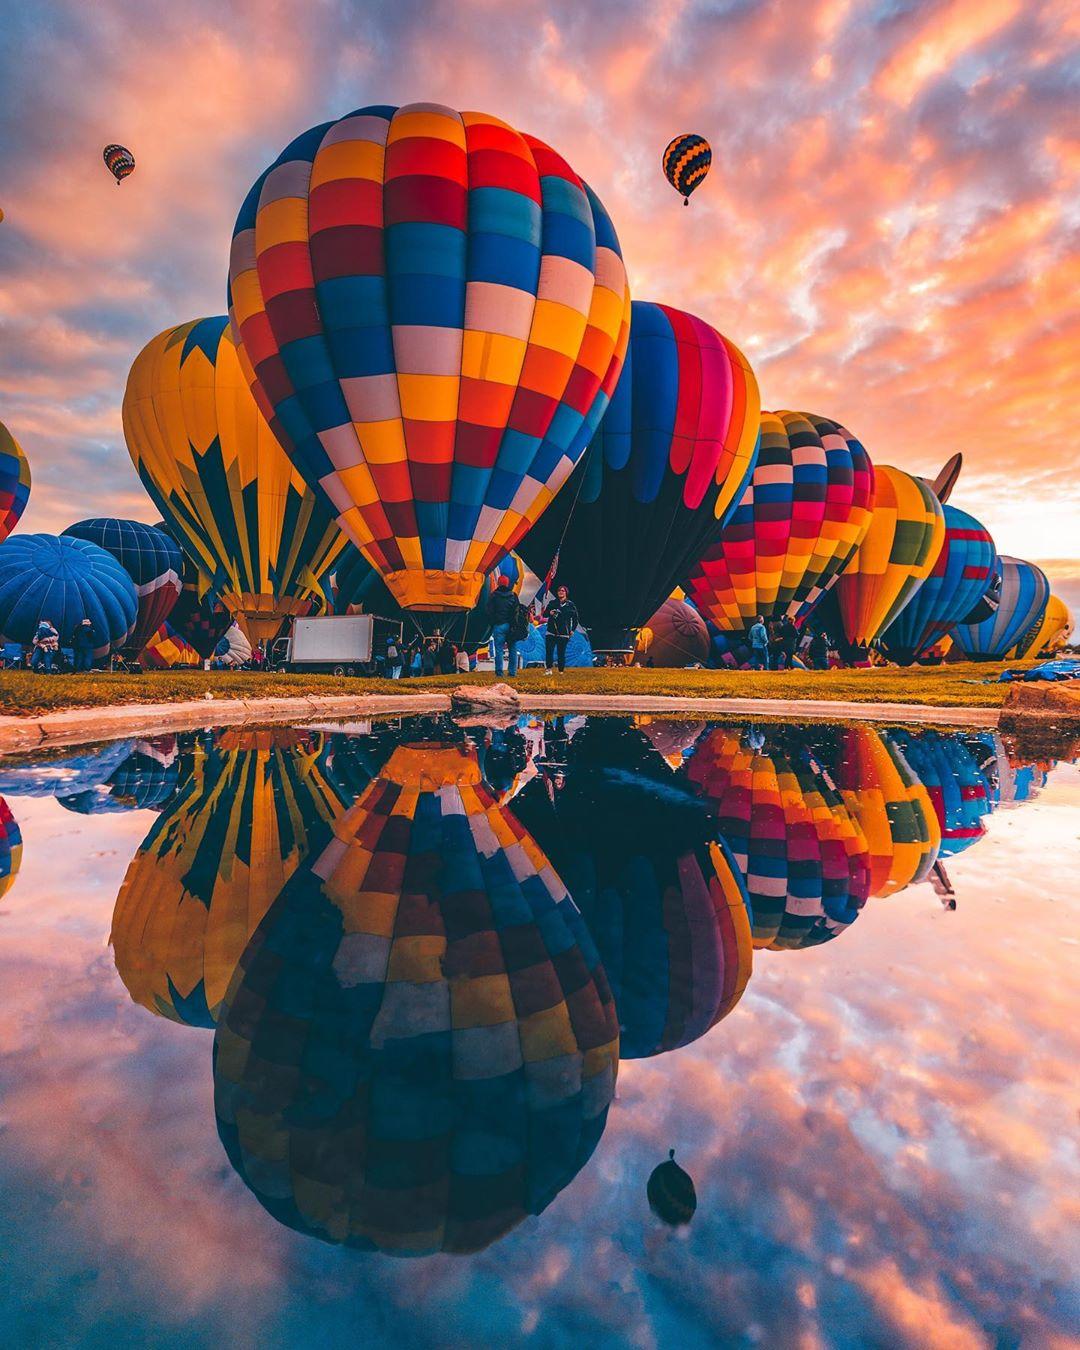 Albuquerque International Balloon Fiesta amazing festivals in the world